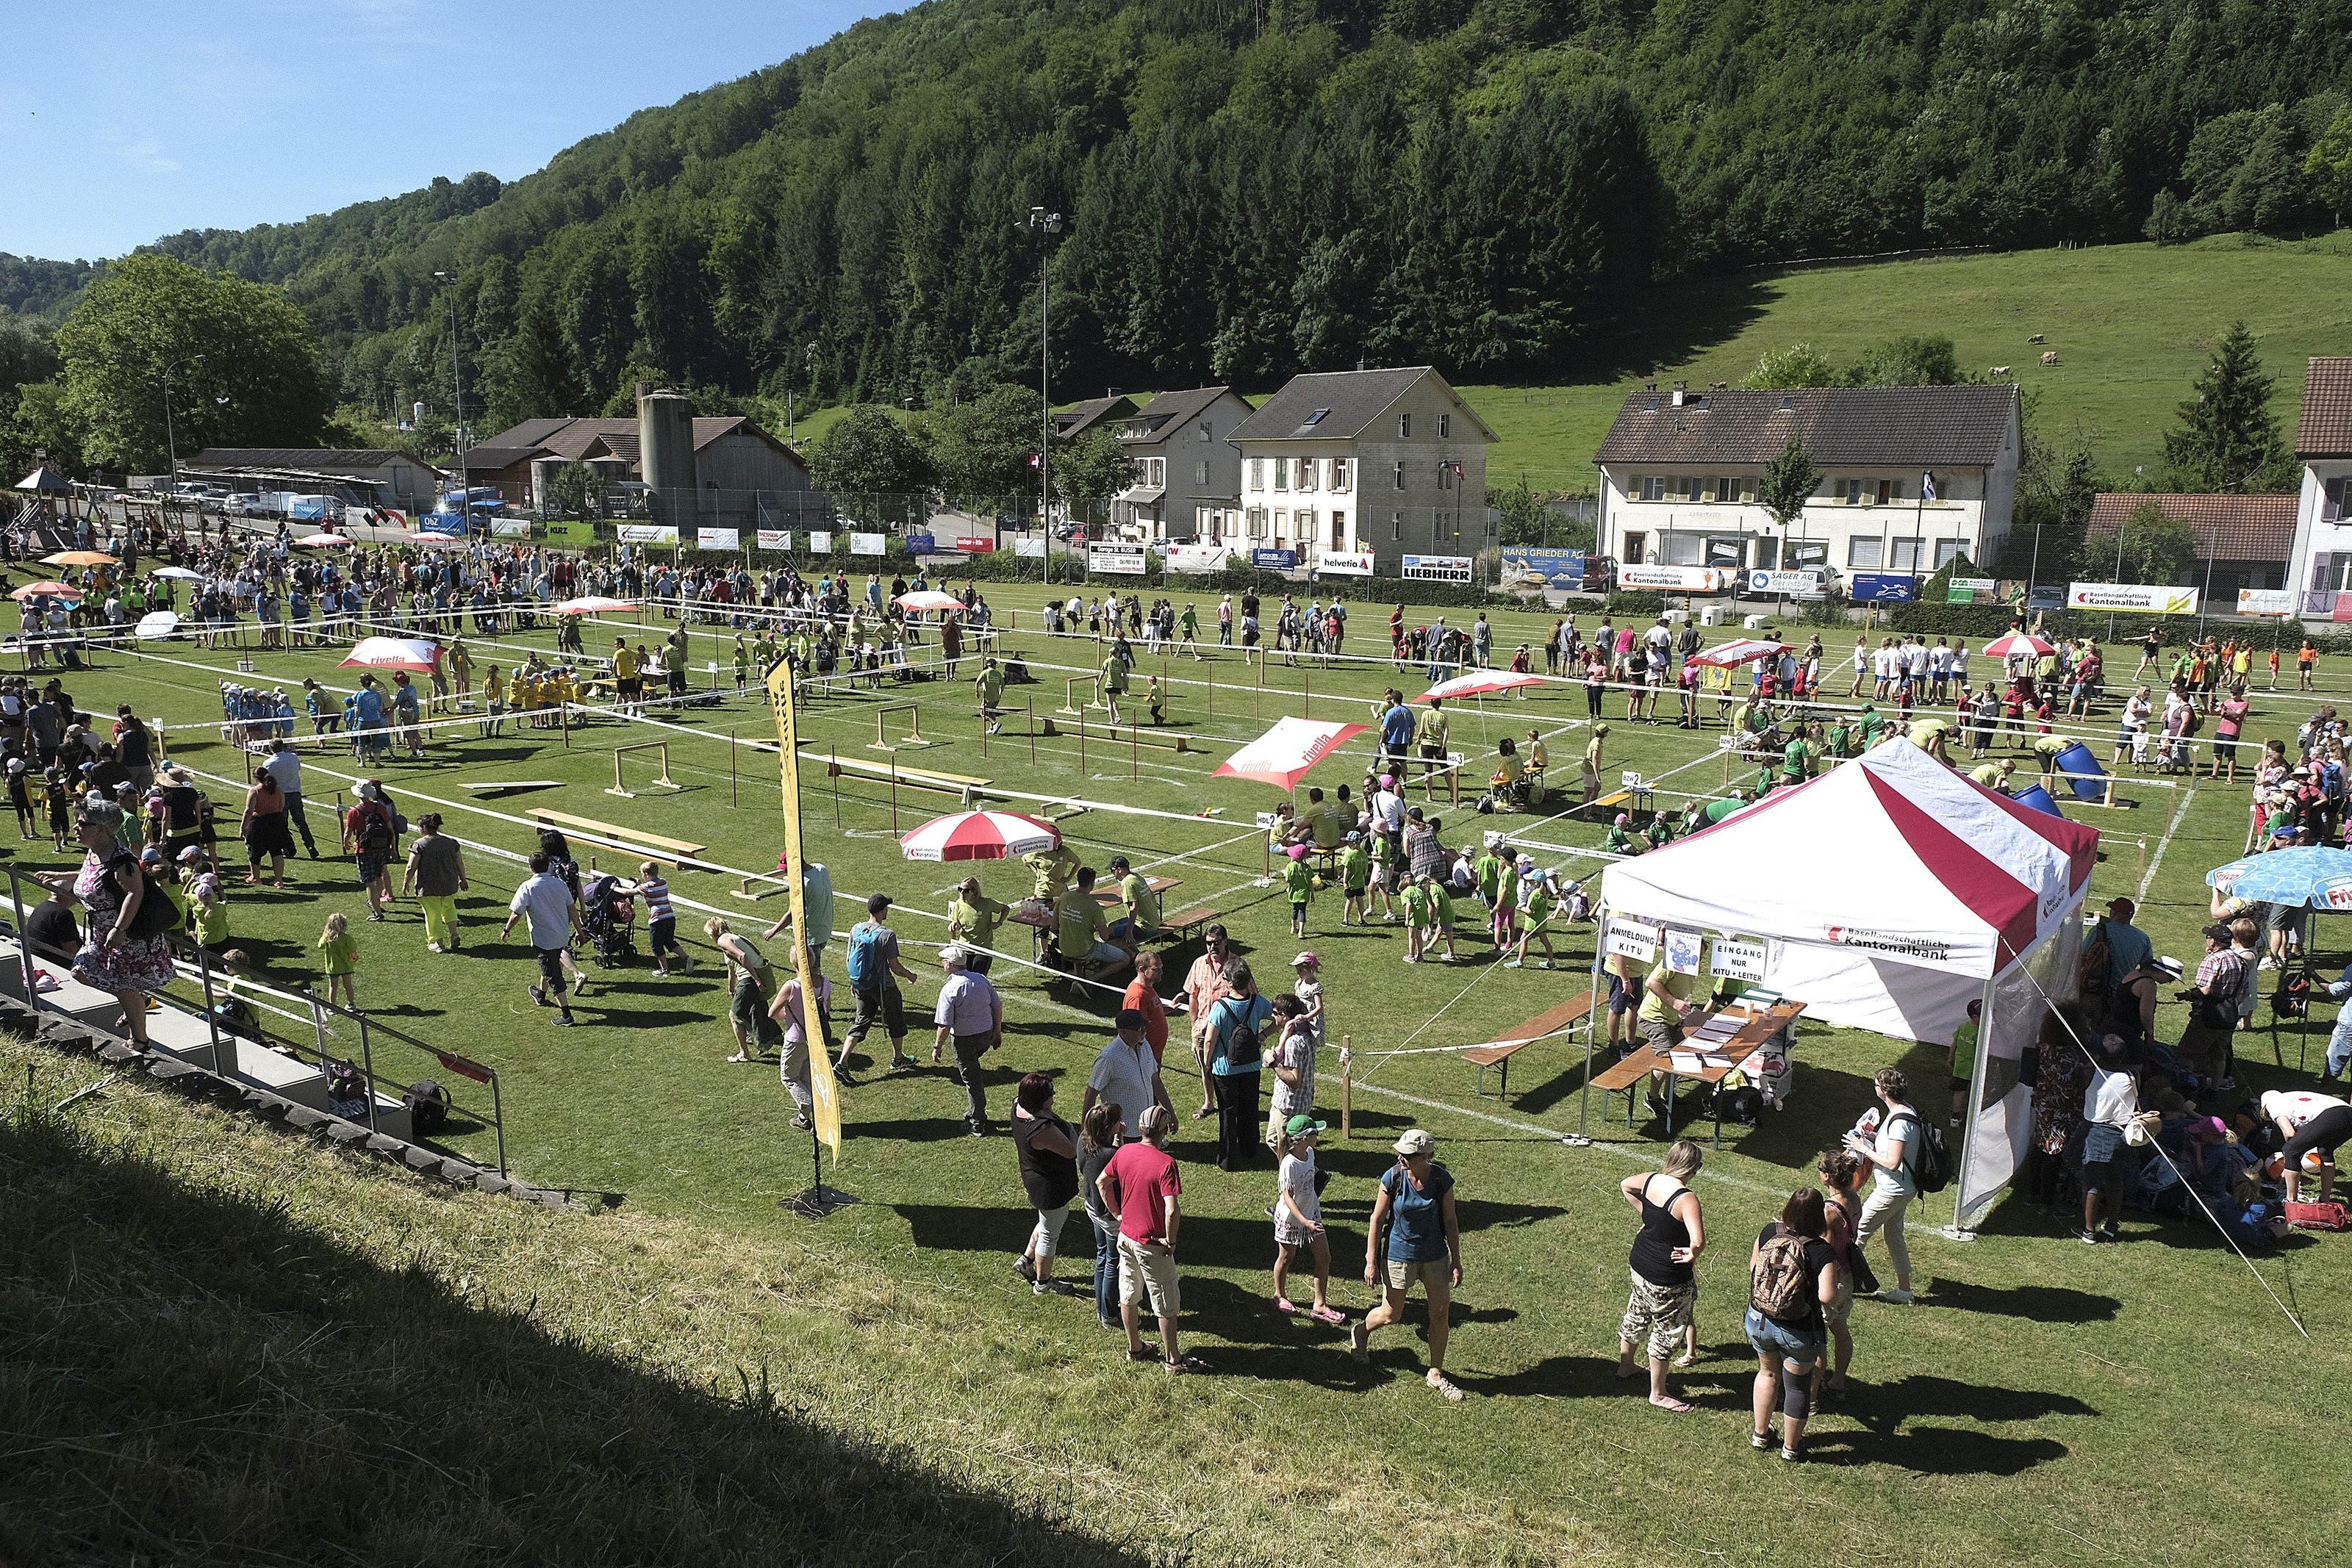 So präsentierte sich das Festgelände des Regional-Jugendturnfests in Tecknau mit Kinderturnen und Unihockeyparcours.